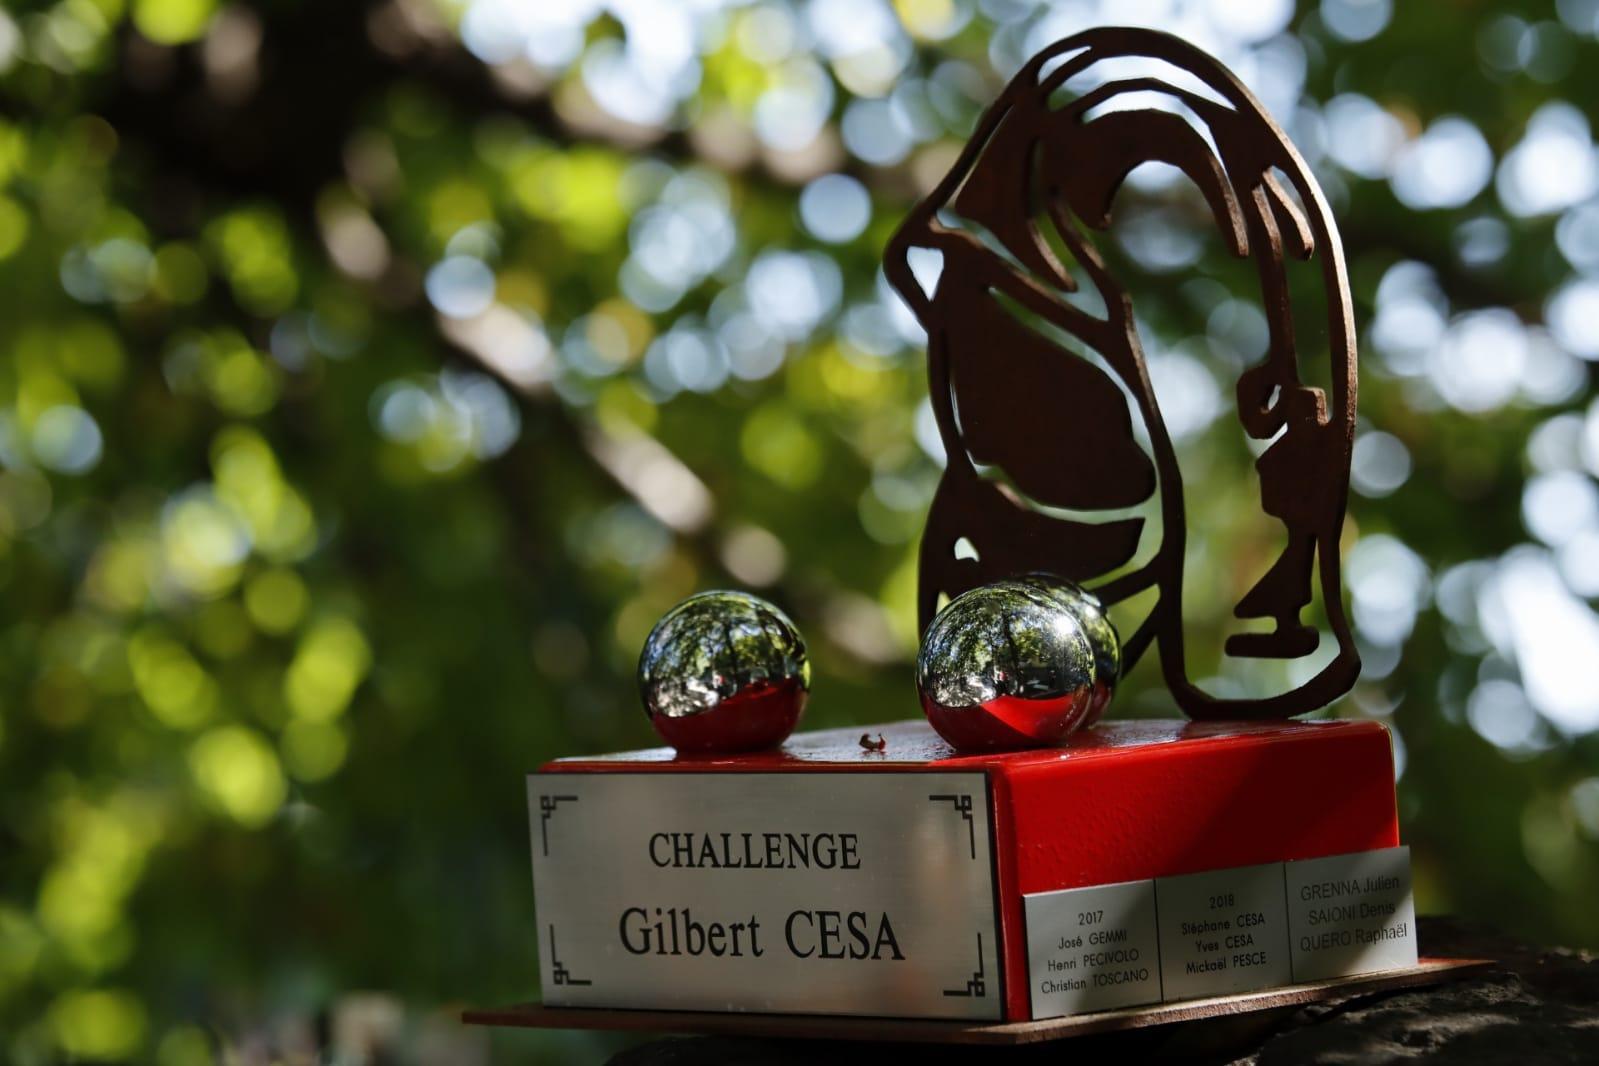 Challenge Gilbert CESA - Pompiers de Nice